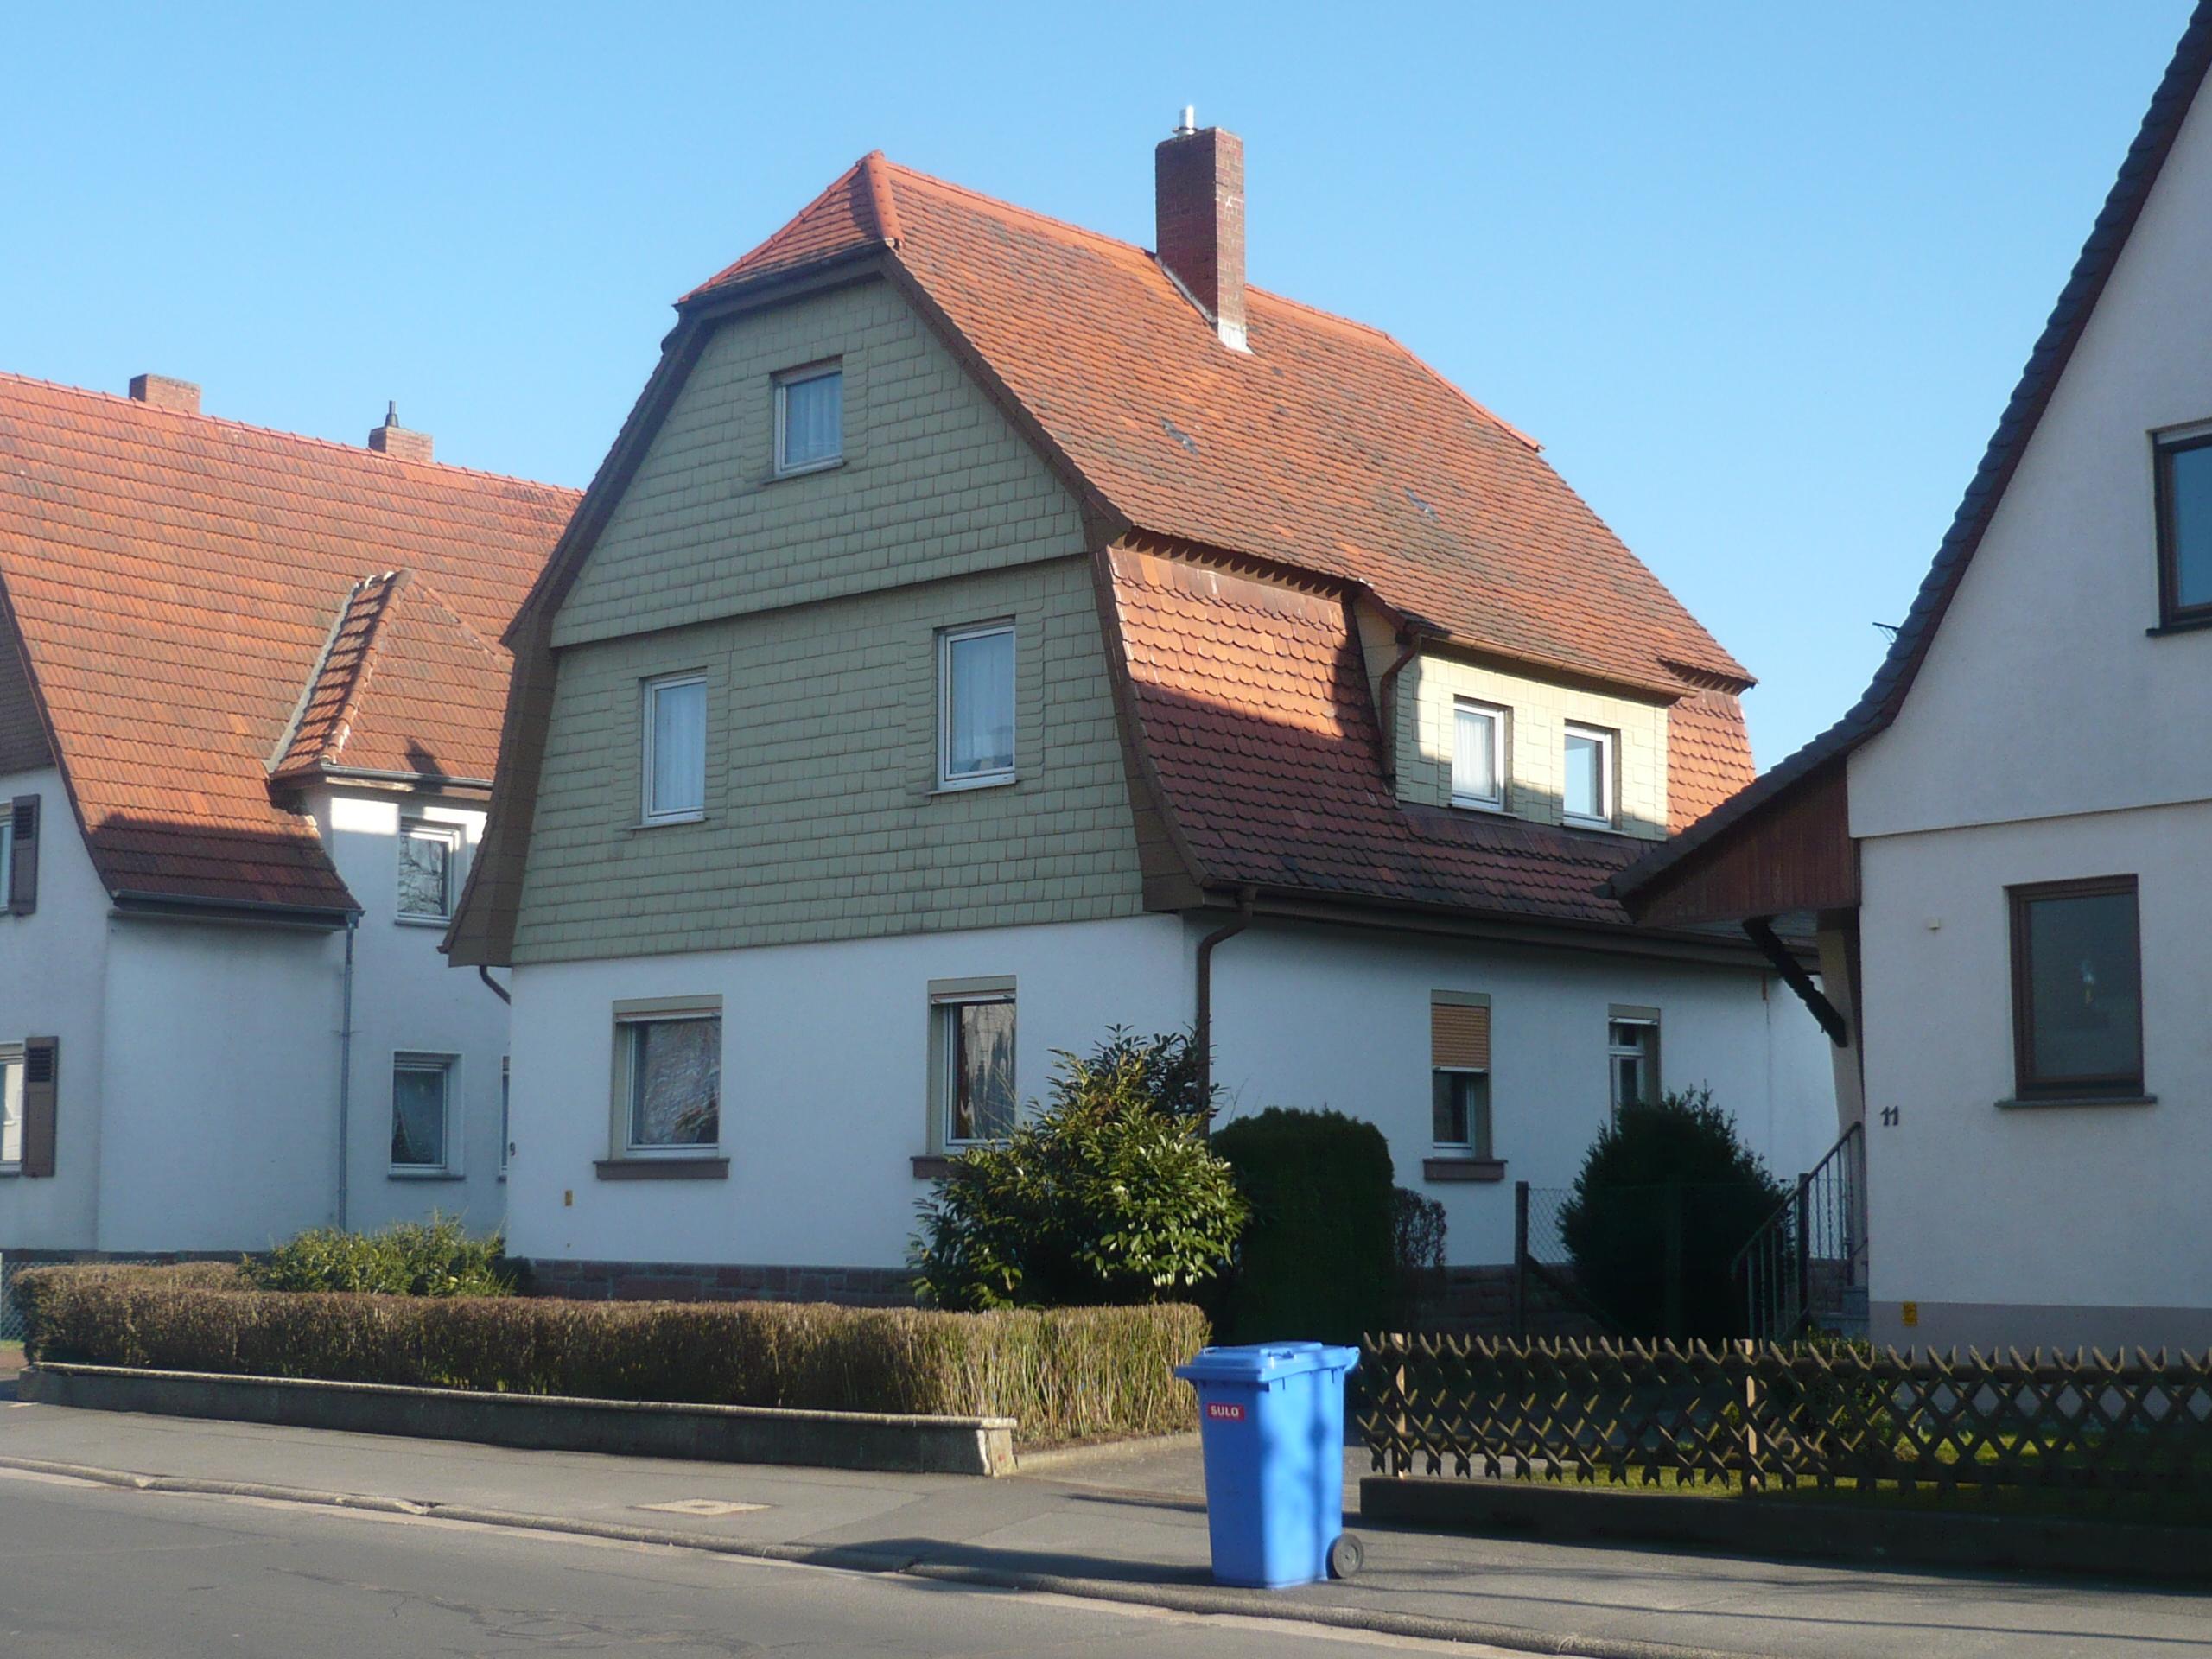 Altes Haus im neuen Glanz